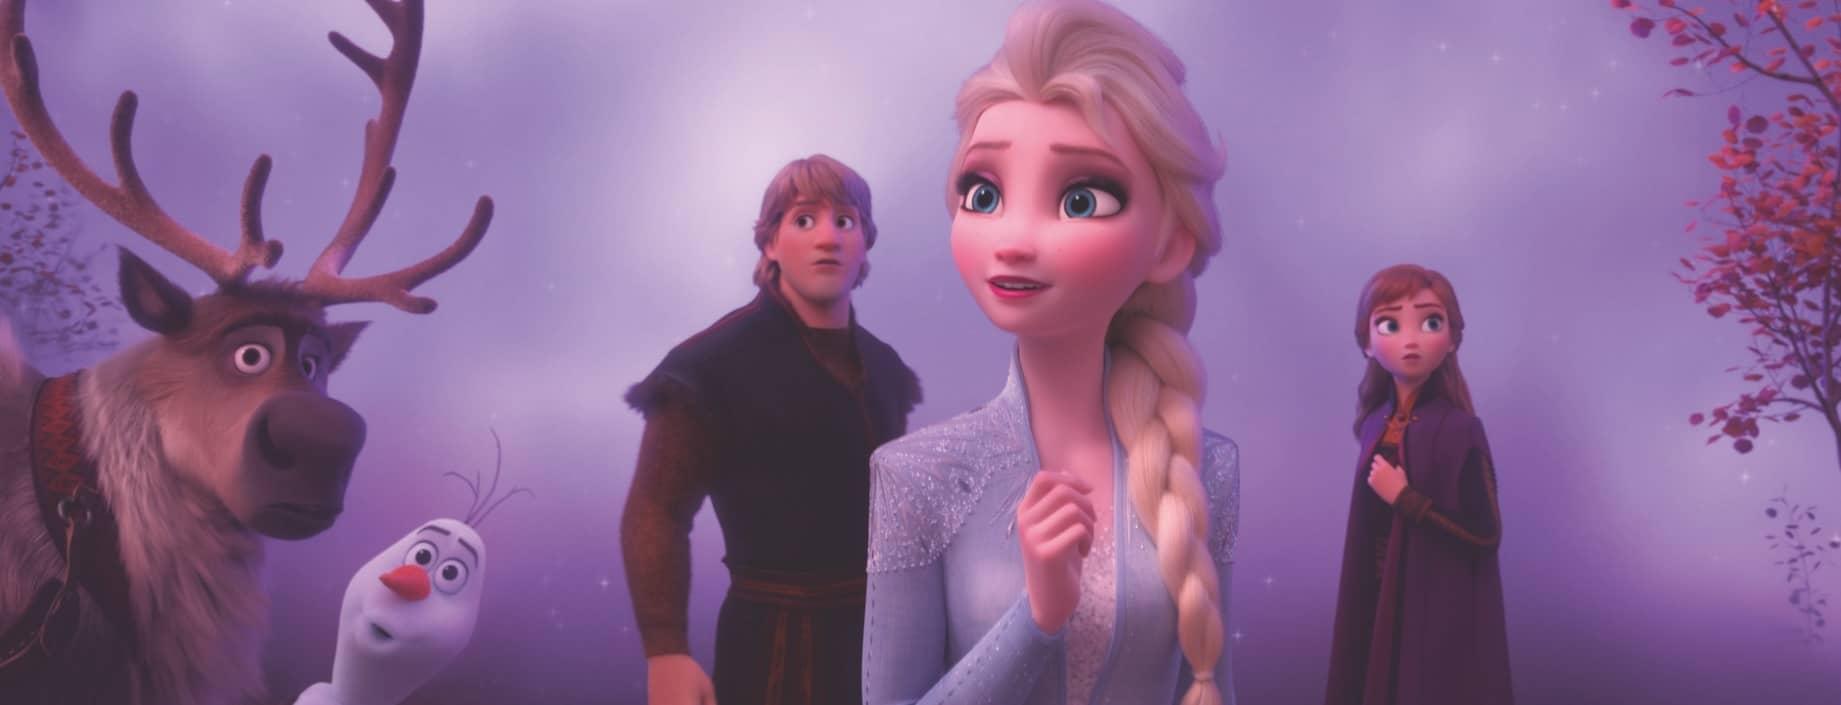 Frozen II El Lazo Entre Elsa Y Anna Es Puesto Nuevamente A Prueba